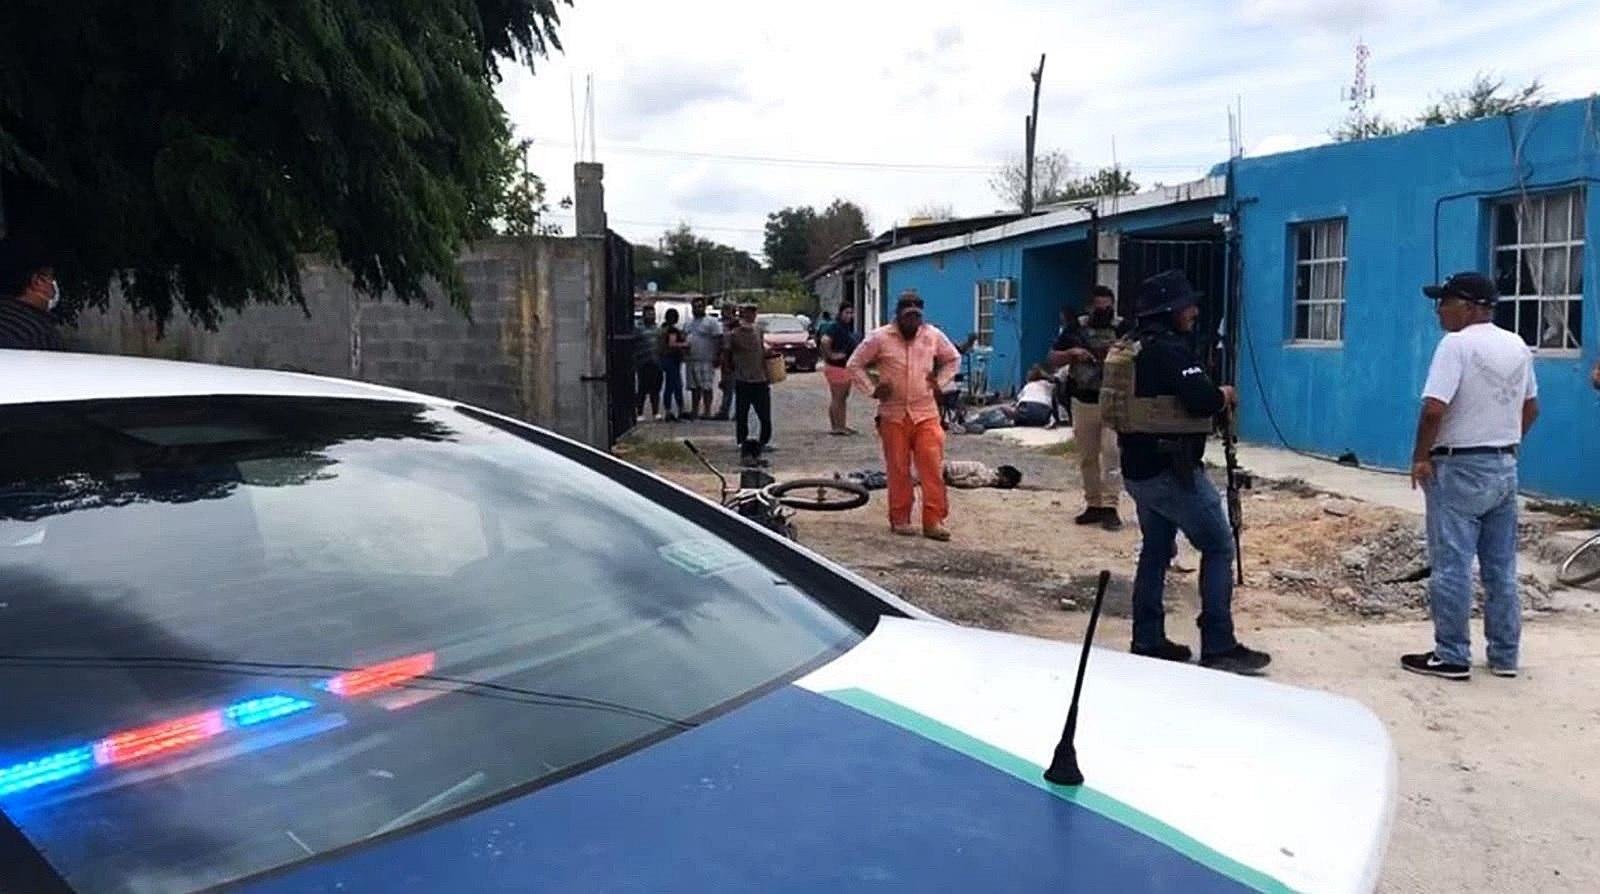 ATENCIÓN EDITORES: CONTENIDO GRÁFICO EXPLÍCITO - MEX5039. REYNOSA (MÉXICO), 19/06/2021.- Elementos de la policía estatal resguardan el área donde un comando armado asesinó a varias personas hoy, en la ciudad de Reynosa, estado de Tamaulipas (México). Al menos 15 personas murieron este sábado en diversos ataques violentos de grupos criminales en la ciudad mexicana de Reynosa, Tamaulipas, fronteriza con Texas, Estados Unidos. EFE/José Martínez